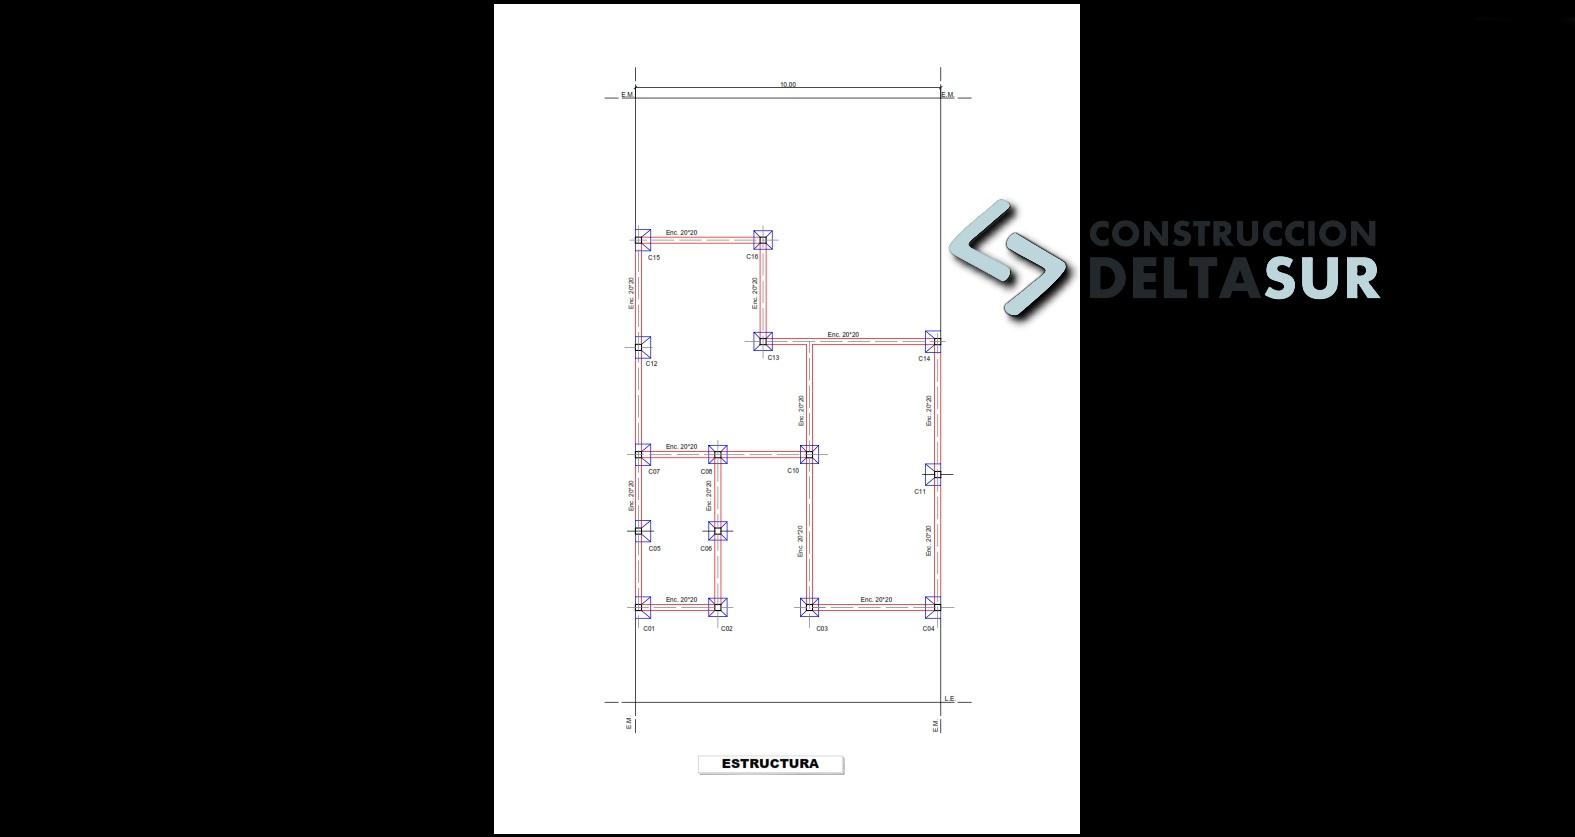 Plano de Estructura